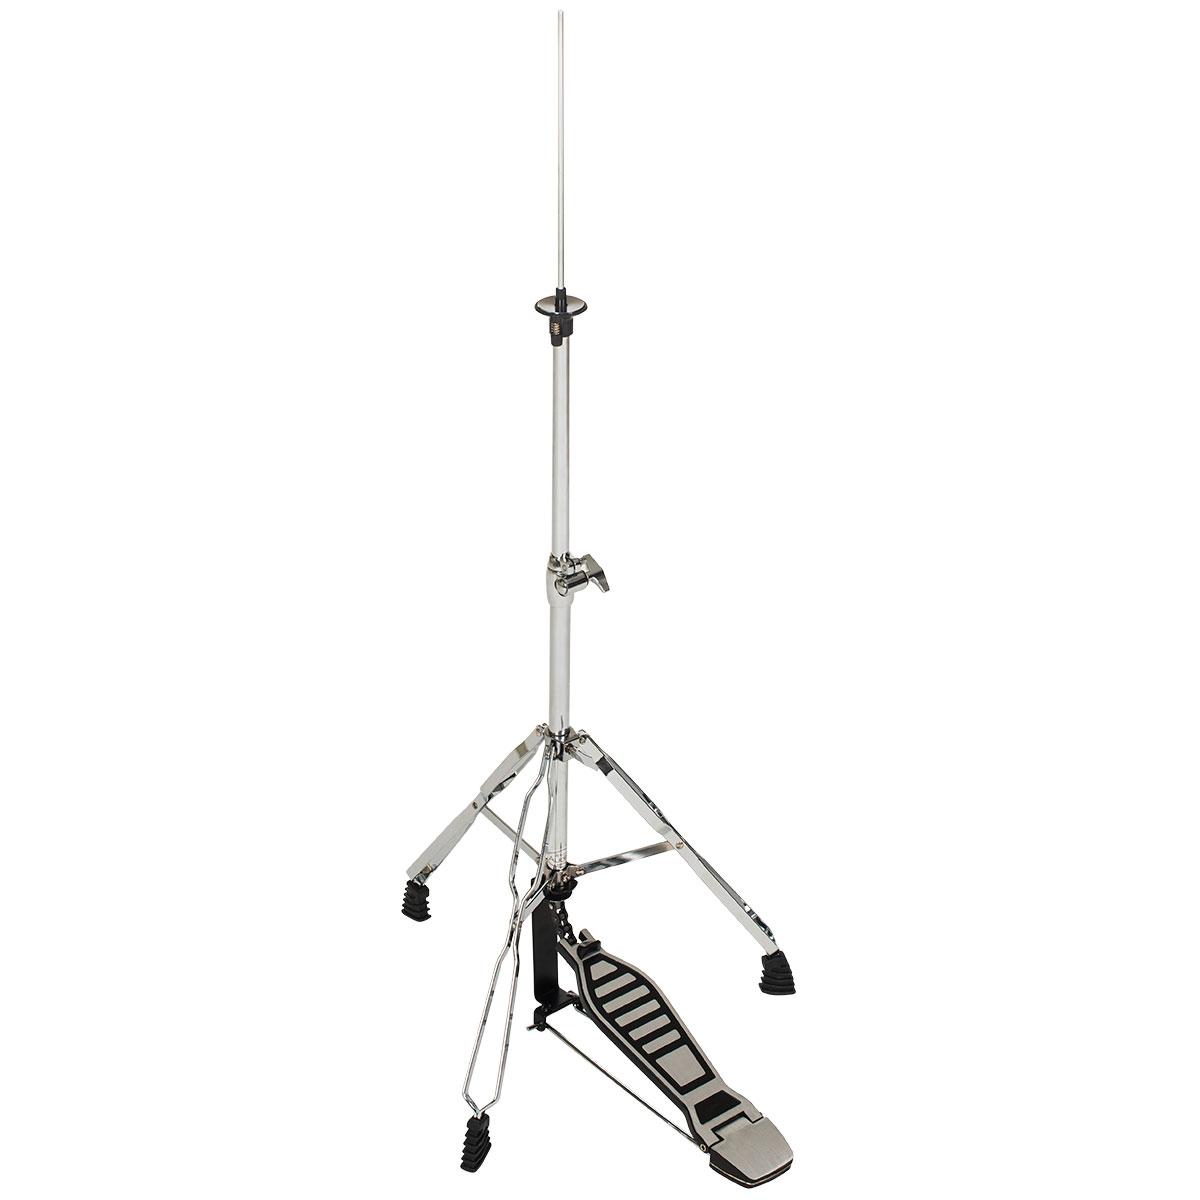 Estante para Chimbal Audition HHM820 Cromada c/ Preto - Michael